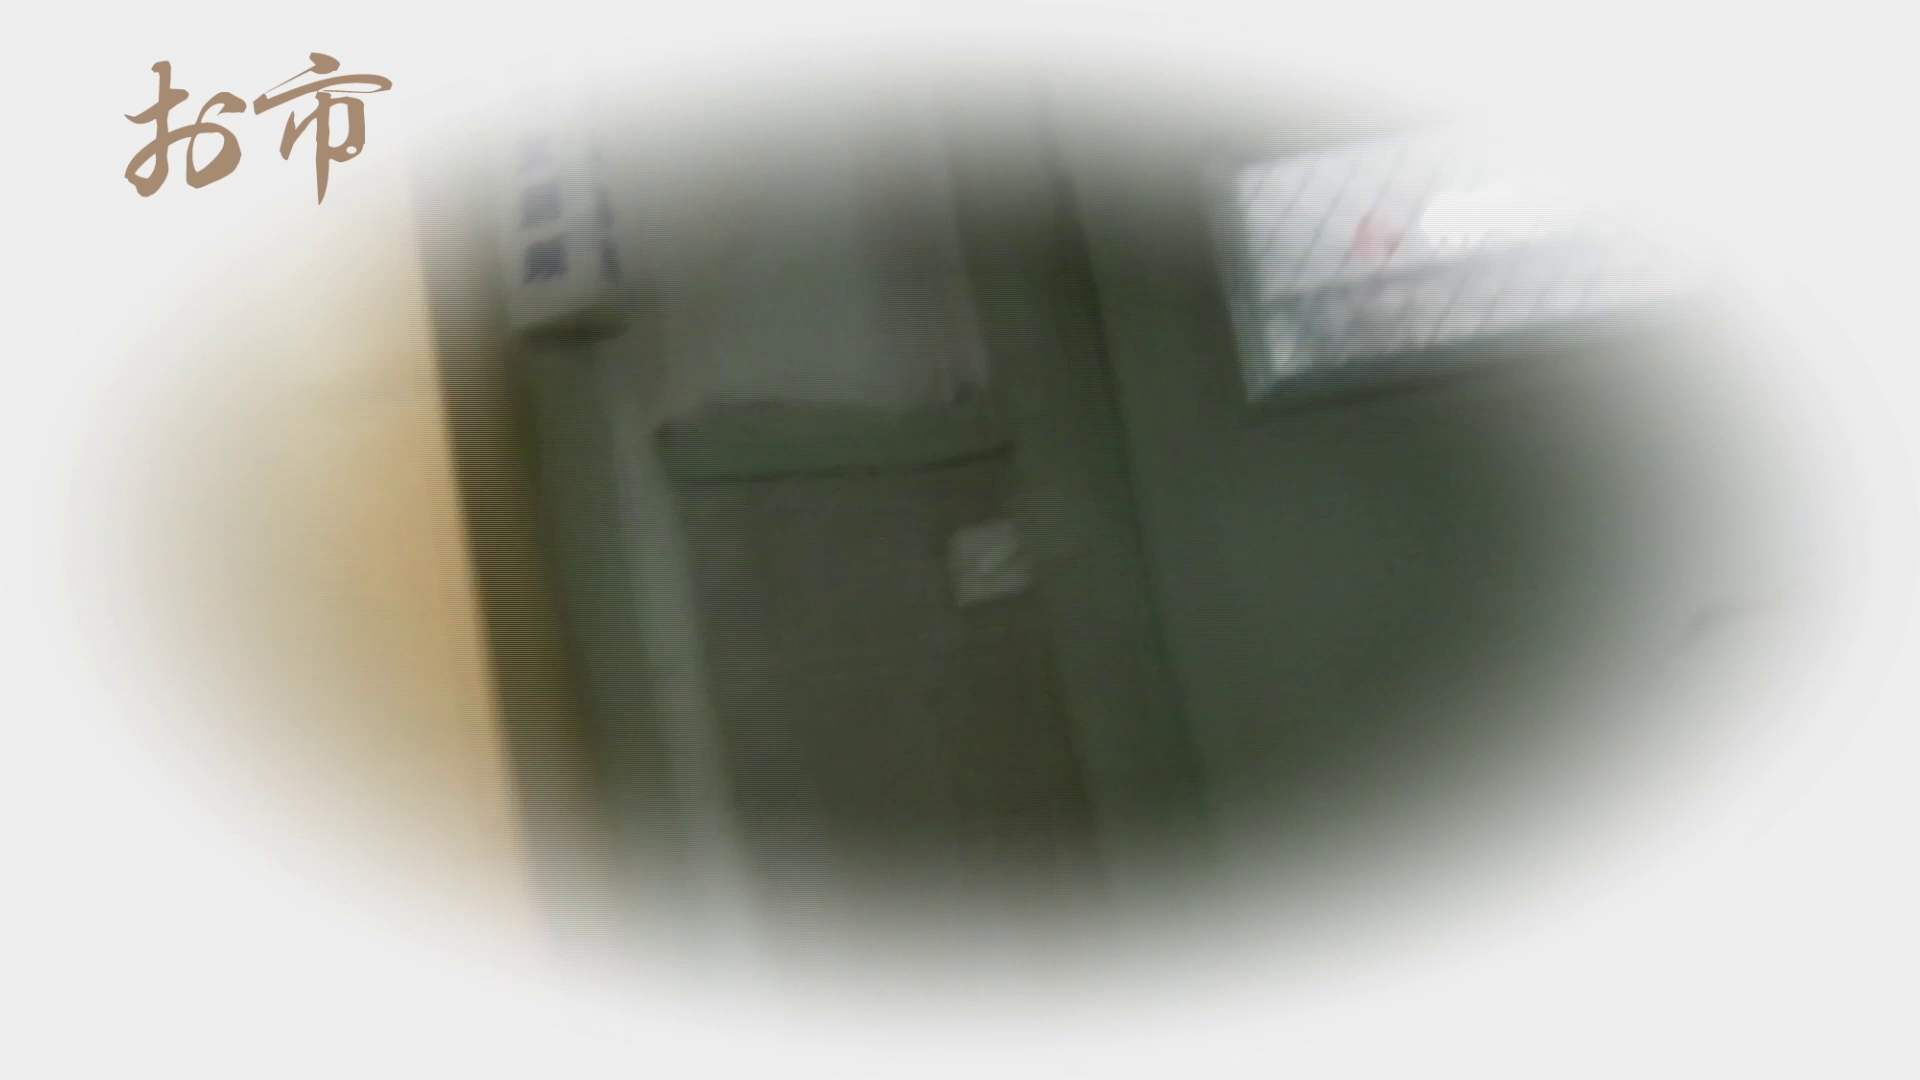 潜入!!台湾名門女学院 Vol.12 長身モデル驚き見たことないシチュエーション OLのボディ セックス画像 89PIX 2